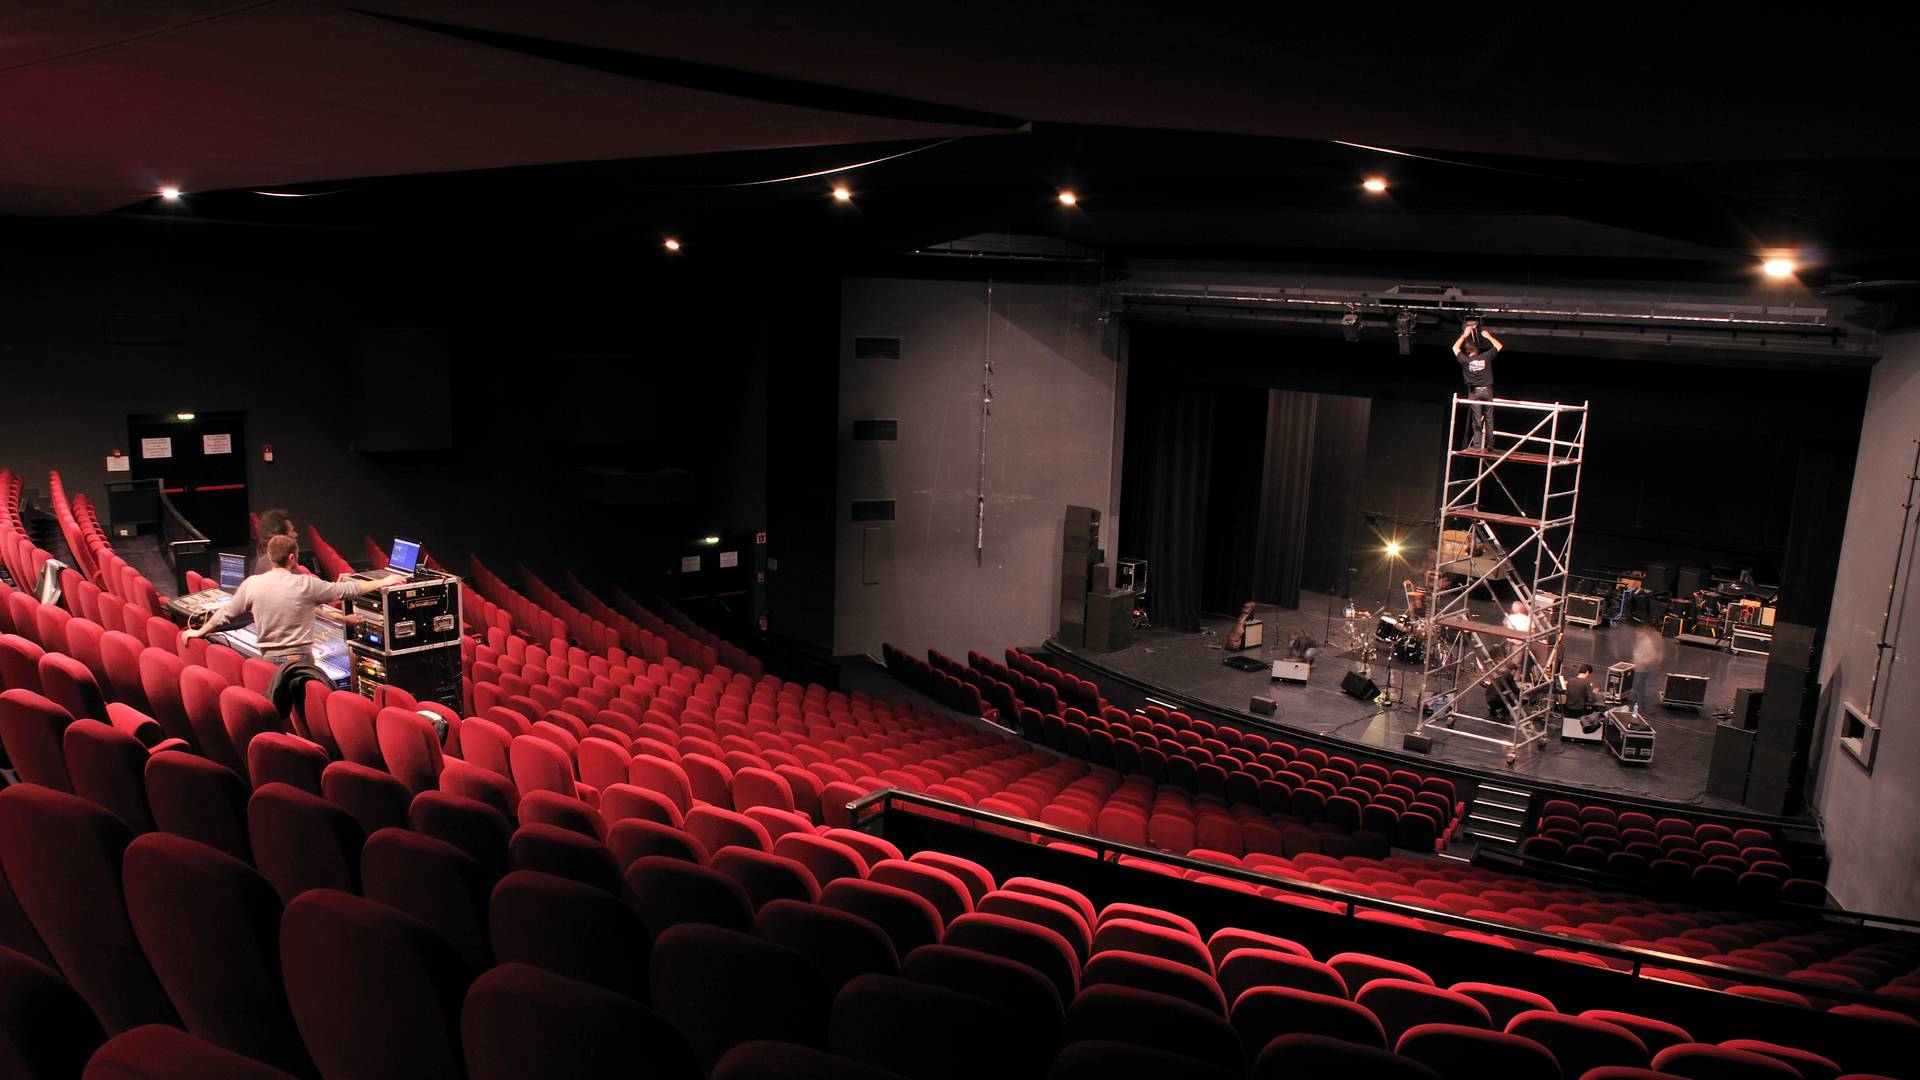 Le grand théâtre de L'arc - scène nationale, Le Creusot. © L'arc - scène nationale le Creusot.